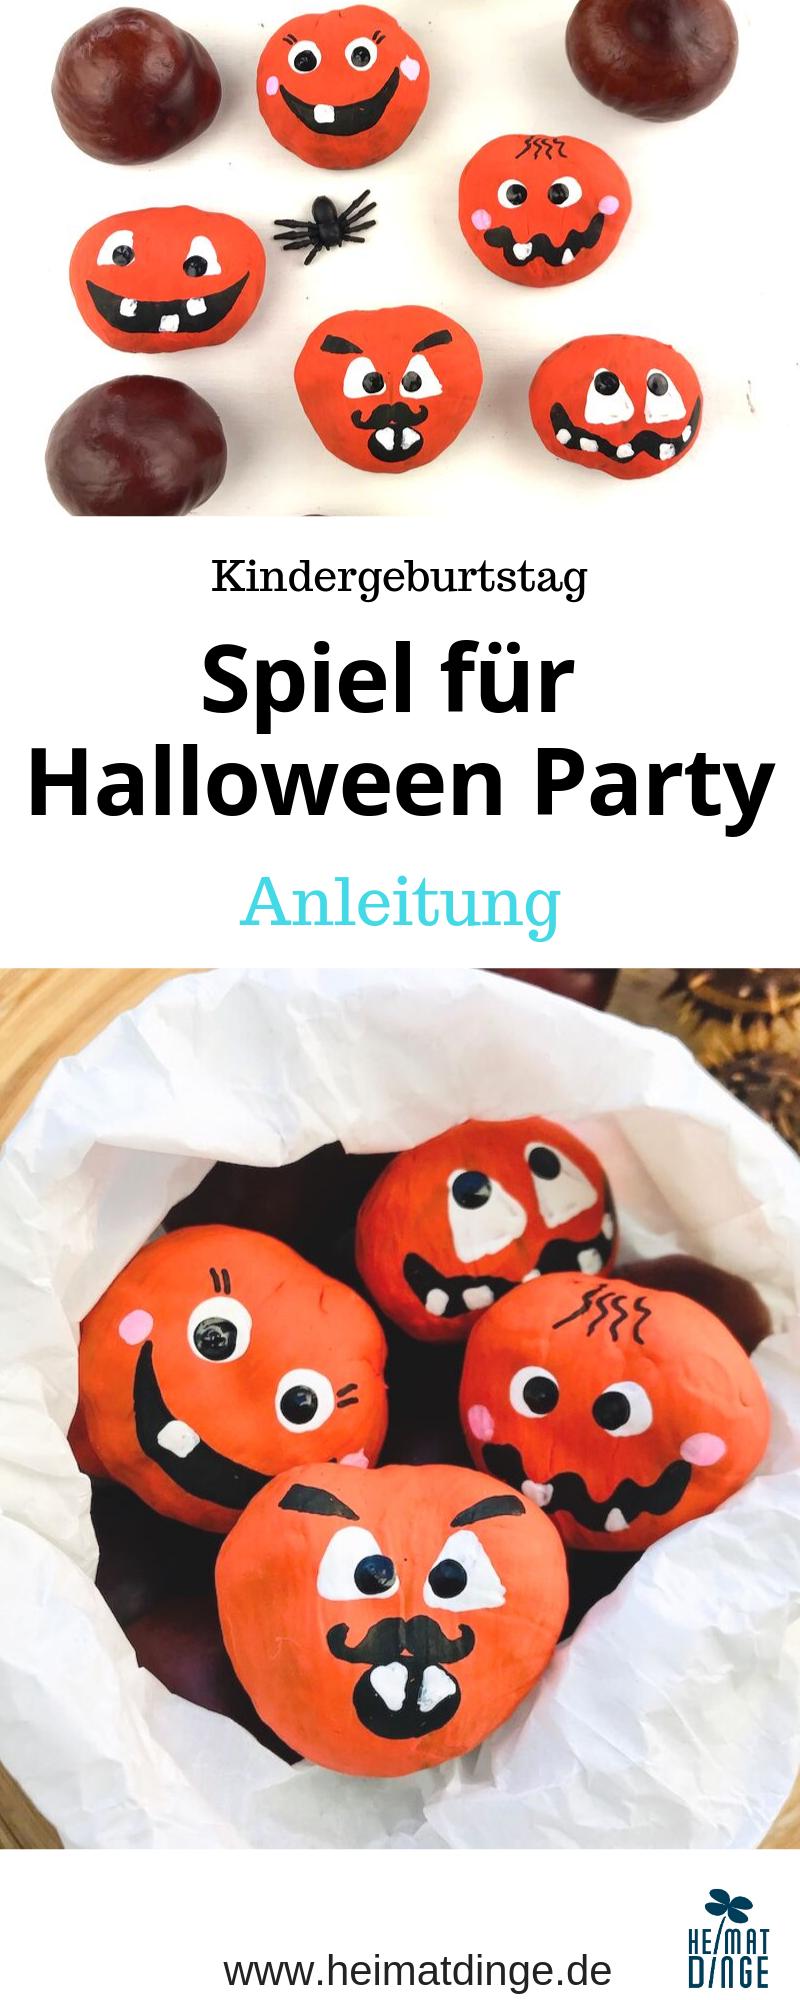 Halloween Geburtstag: Spiel #bastelnmitkastanienkinder Mit diesem selbstgemachten Spiel bringst du auf einer Halloween Kinderparty so richtig Schwung in die Bude und hast auch gleich ein kleines Mitgebsel für die Mitgebseltüte. Auf einem Halloween Kindergeburtstag sehen die Kürbisse aus Kastanien auch als Tischdeko toll aus. Mit Kastanien basteln macht einfach Spaß. Zur Spiel Anleitung geht's hier. #halloween#kinder#halloweenparty#spiele#bastelnmitkindern#kastanien#kinderparty#ideen #kastanienbastelnkinder